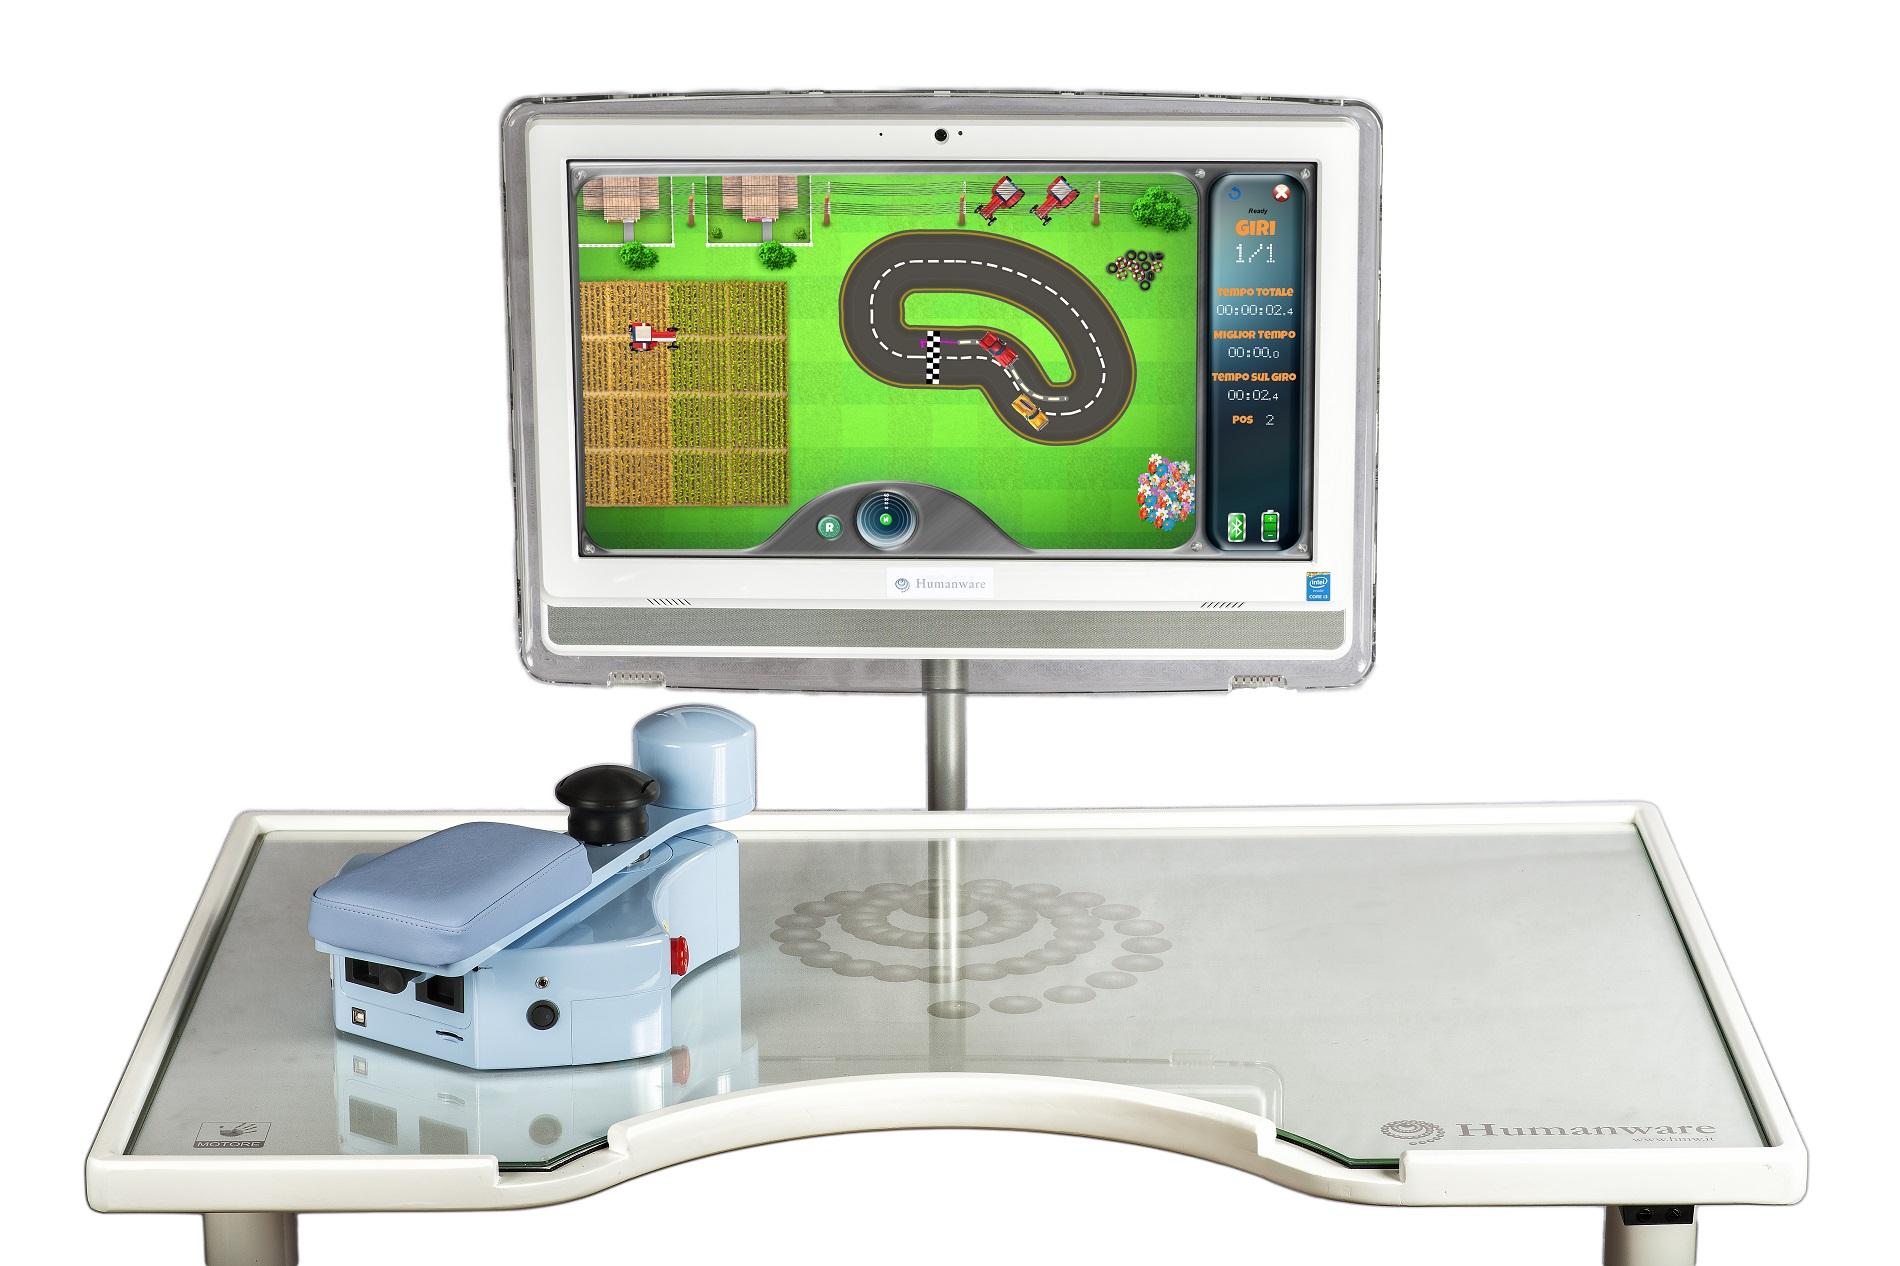 Motore Humanware EMAC (2)